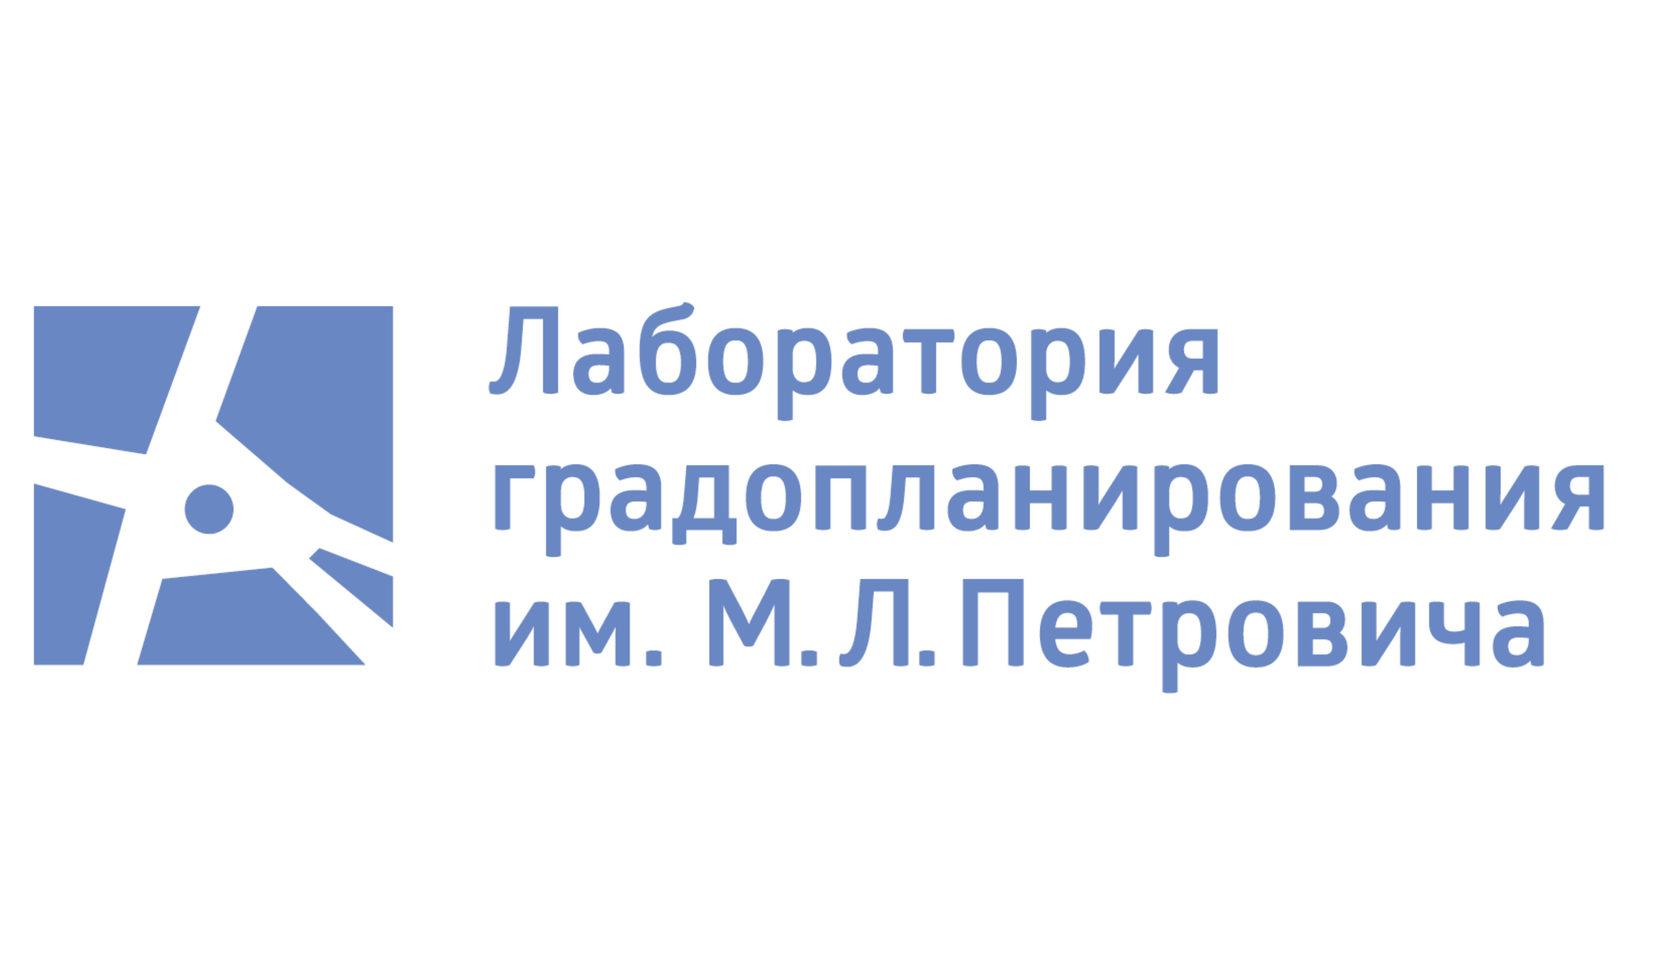 (c) Labgrad.ru